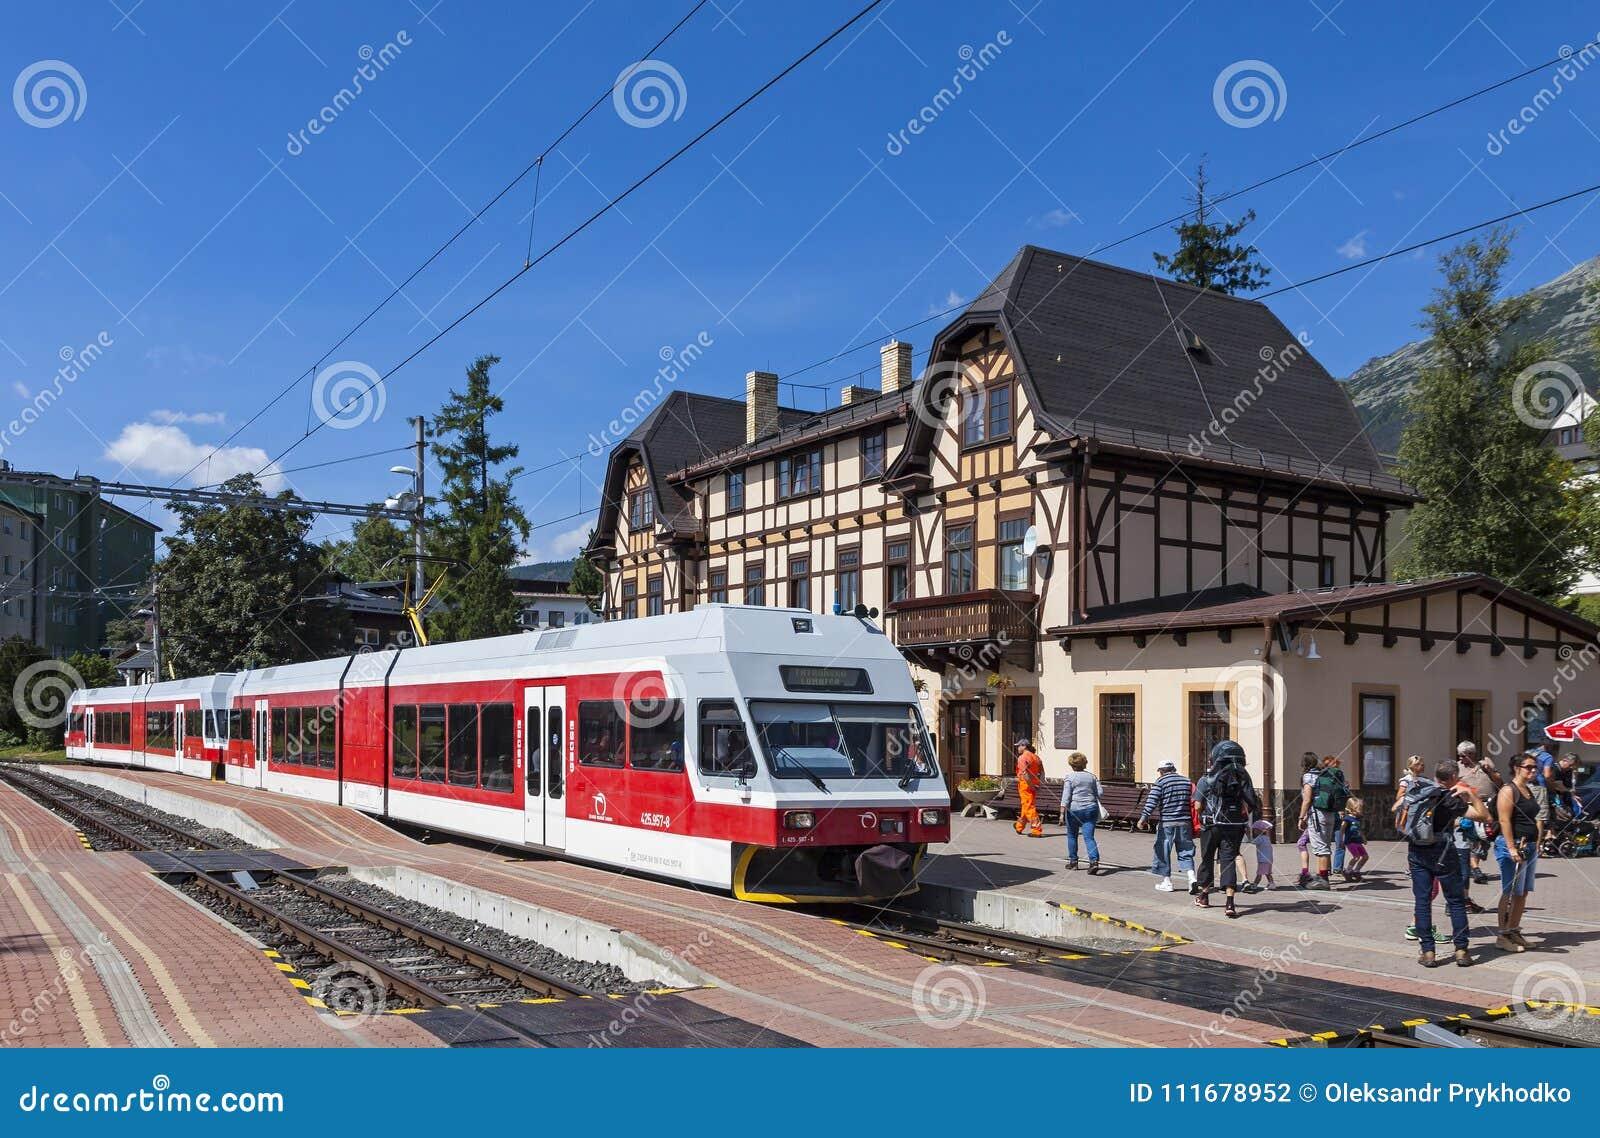 斯洛伐克;驻地;高;铁路;火车;tatry;tatras;旅行;